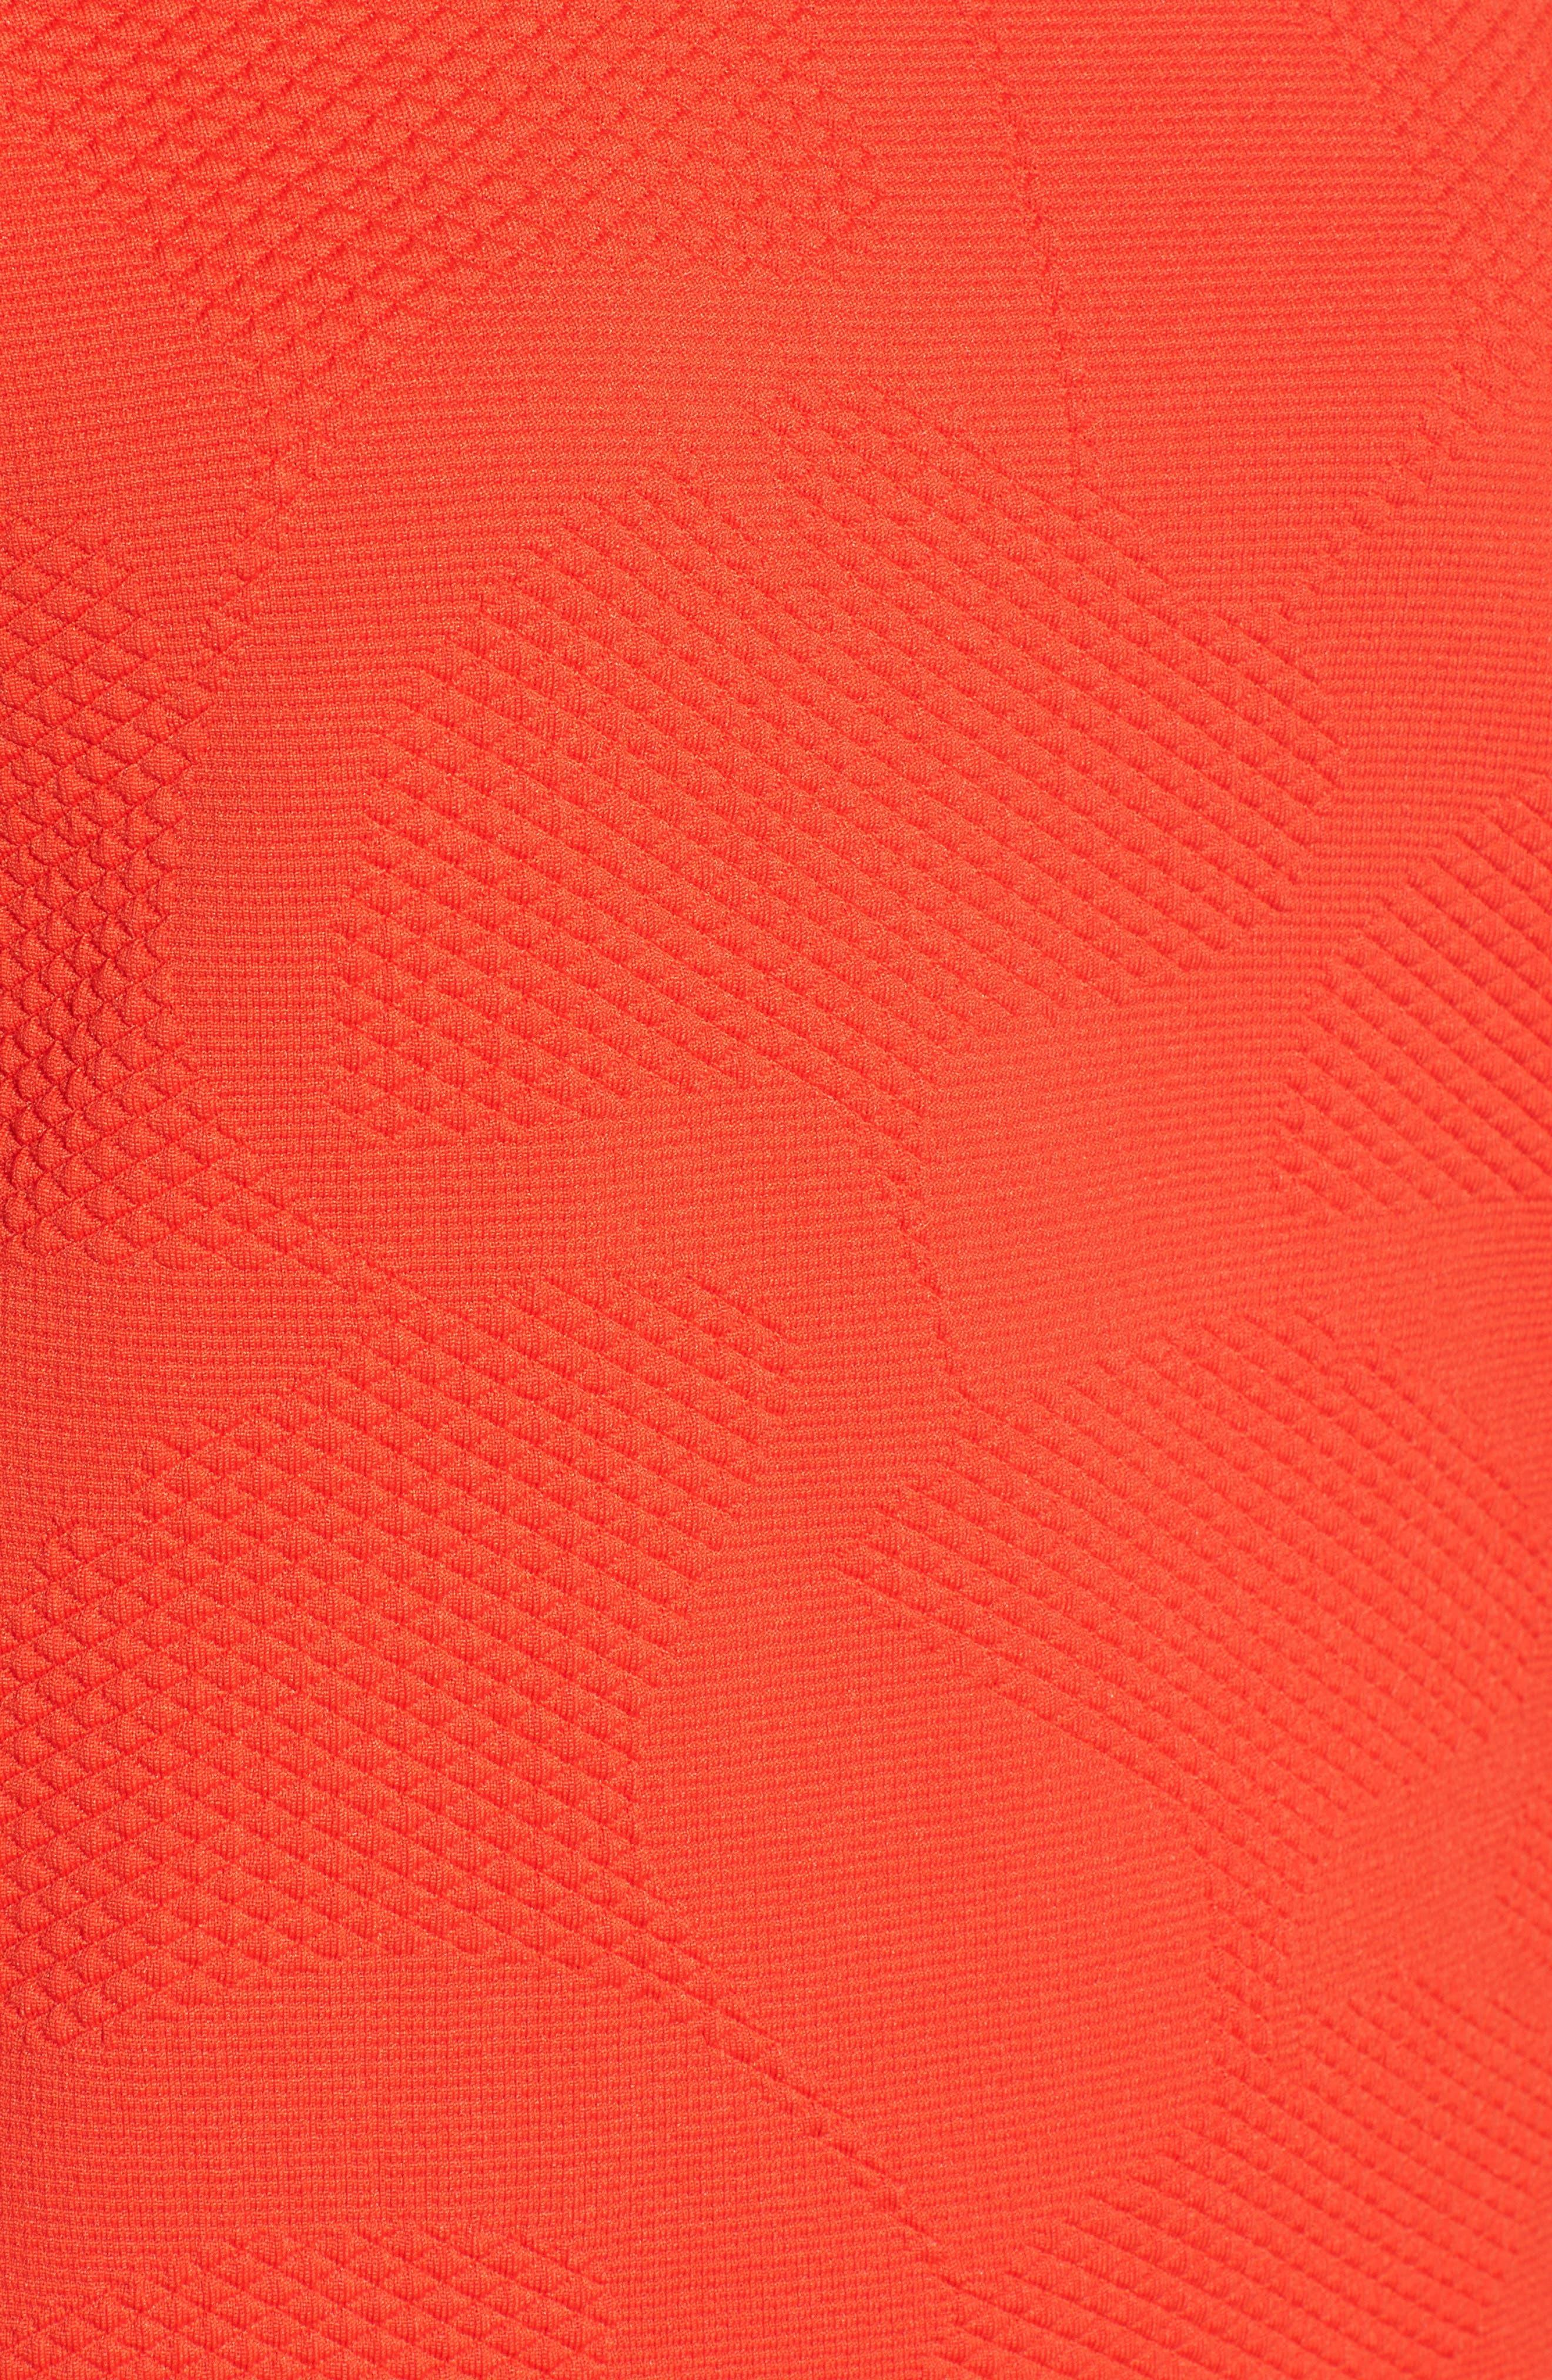 Jacquard Knit Top,                             Alternate thumbnail 5, color,